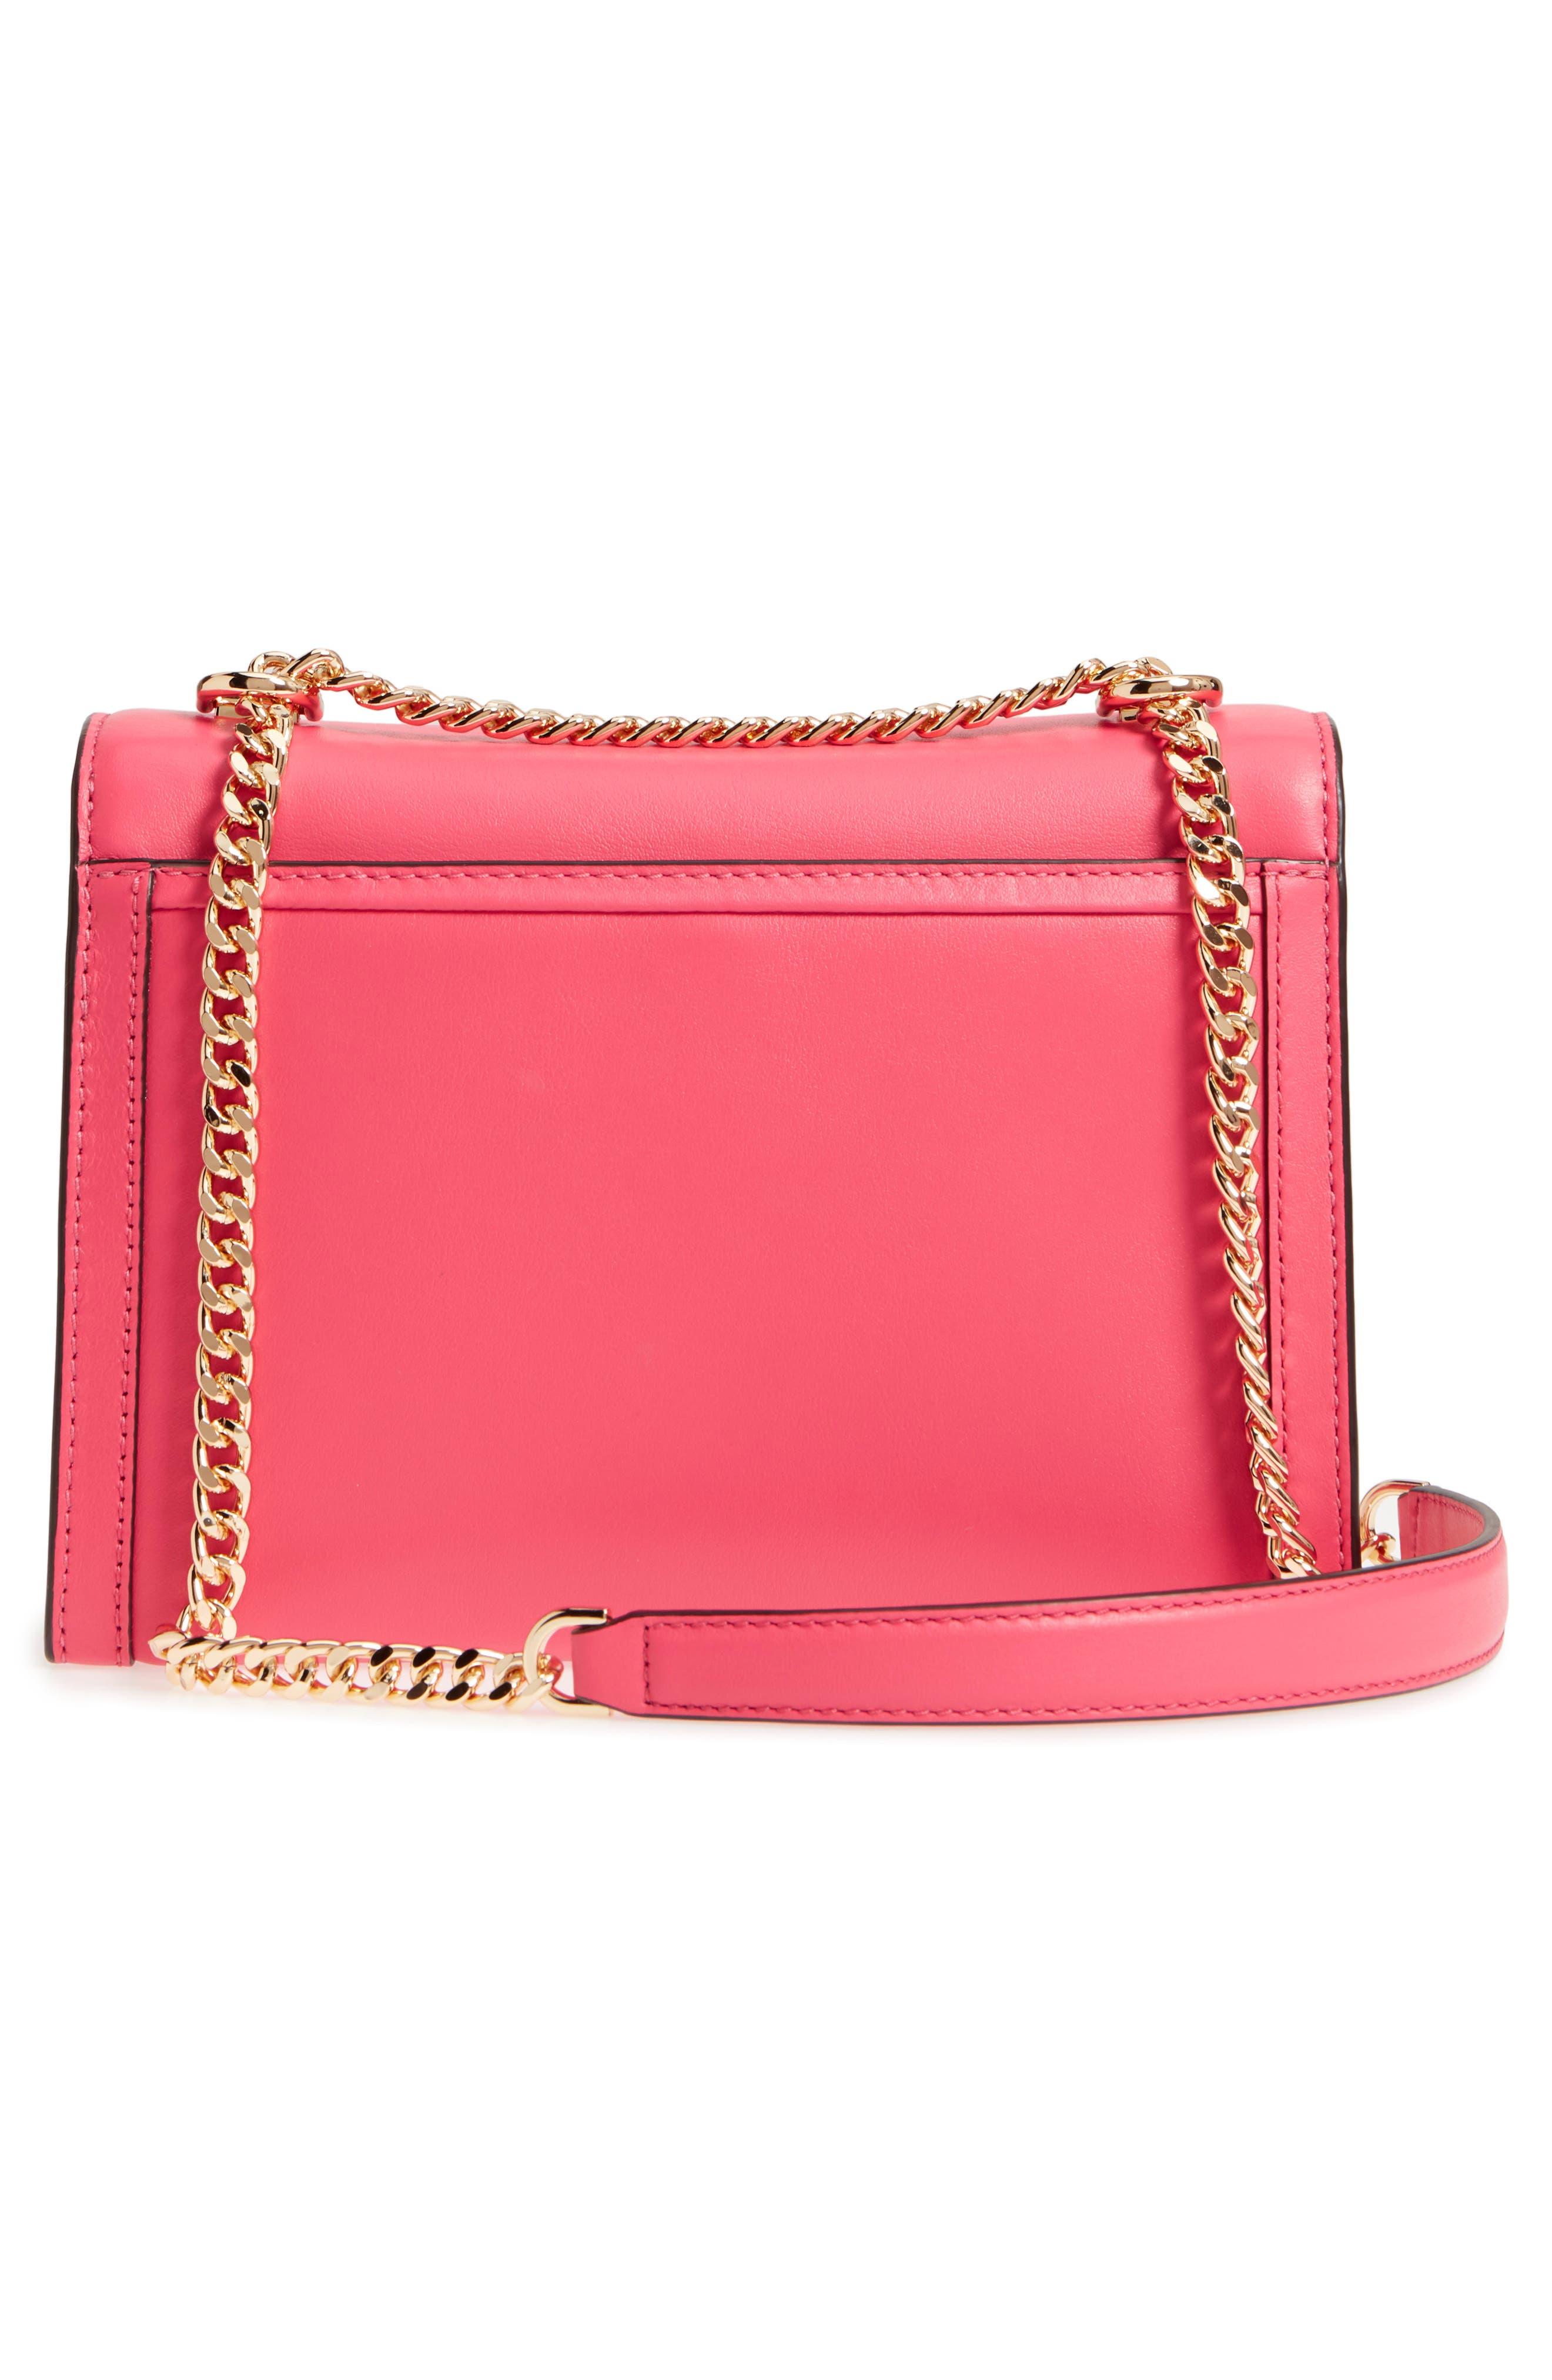 Large Whitney Leather Shoulder Bag,                             Alternate thumbnail 3, color,                             Rose Pink